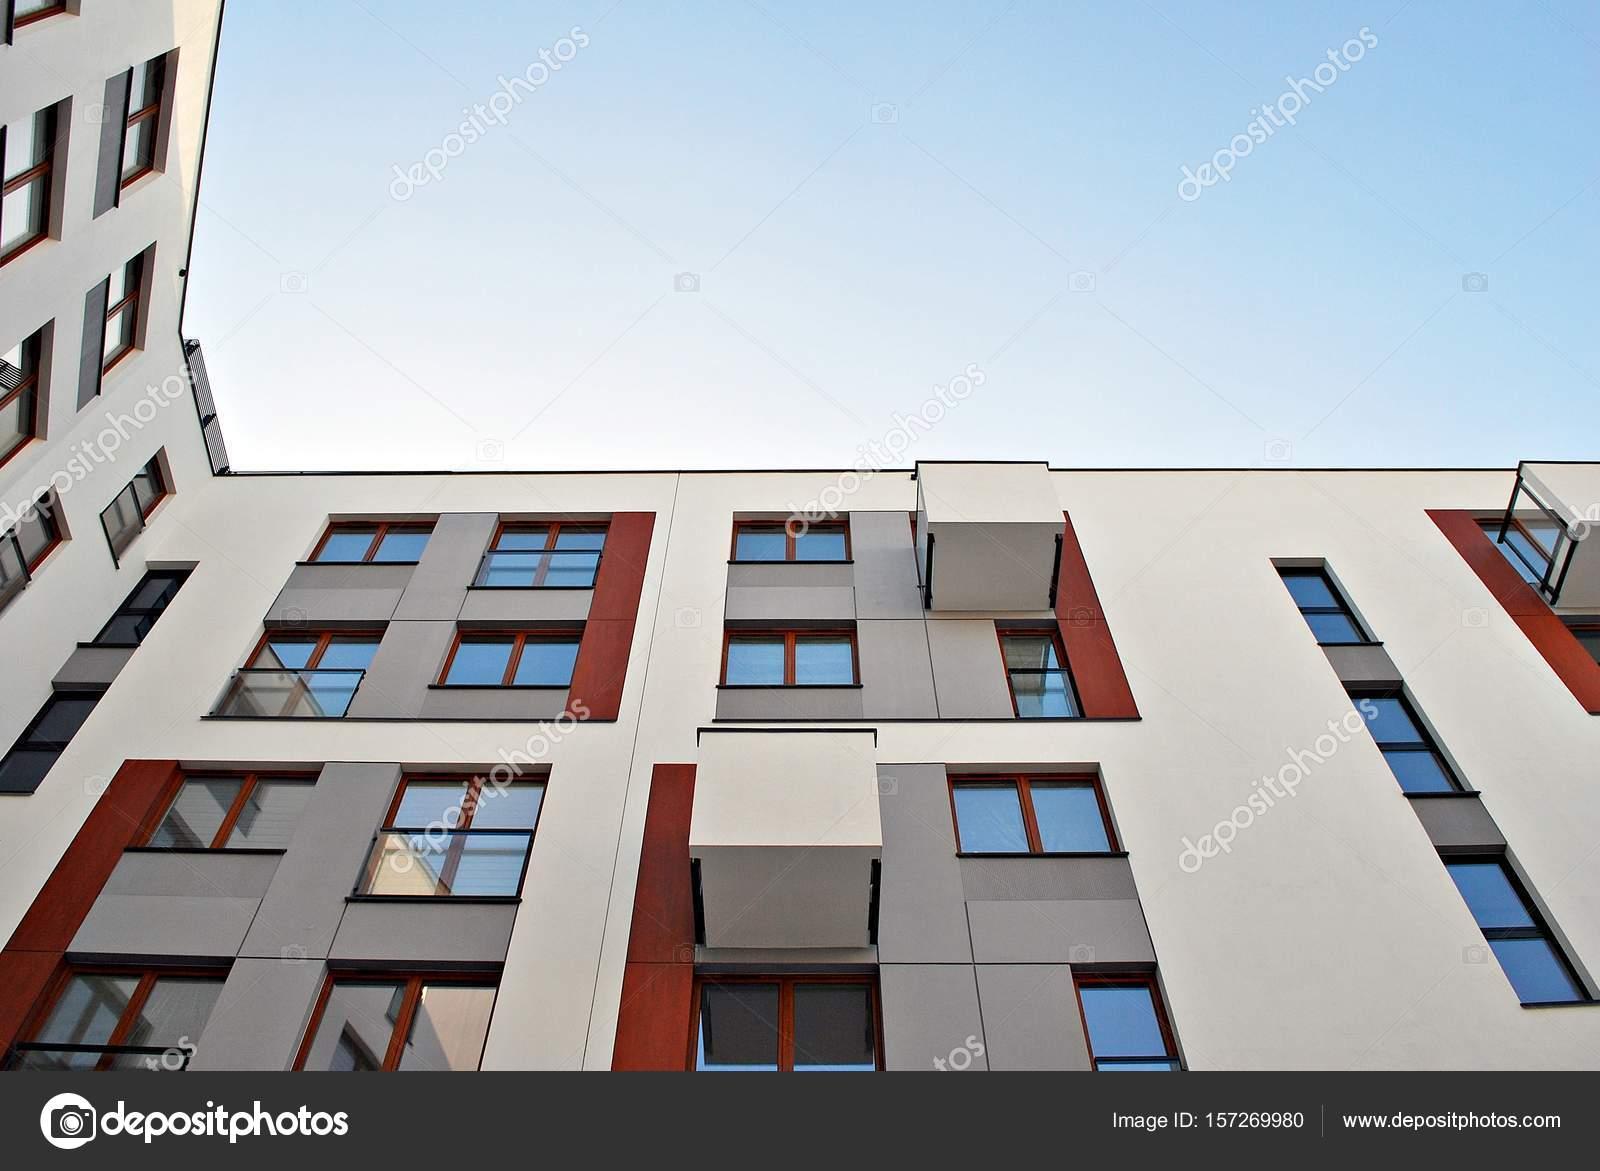 Moderne Wohnhäuser moderne wohnhäuser außenbereich stockfoto grand warszawa 157269980